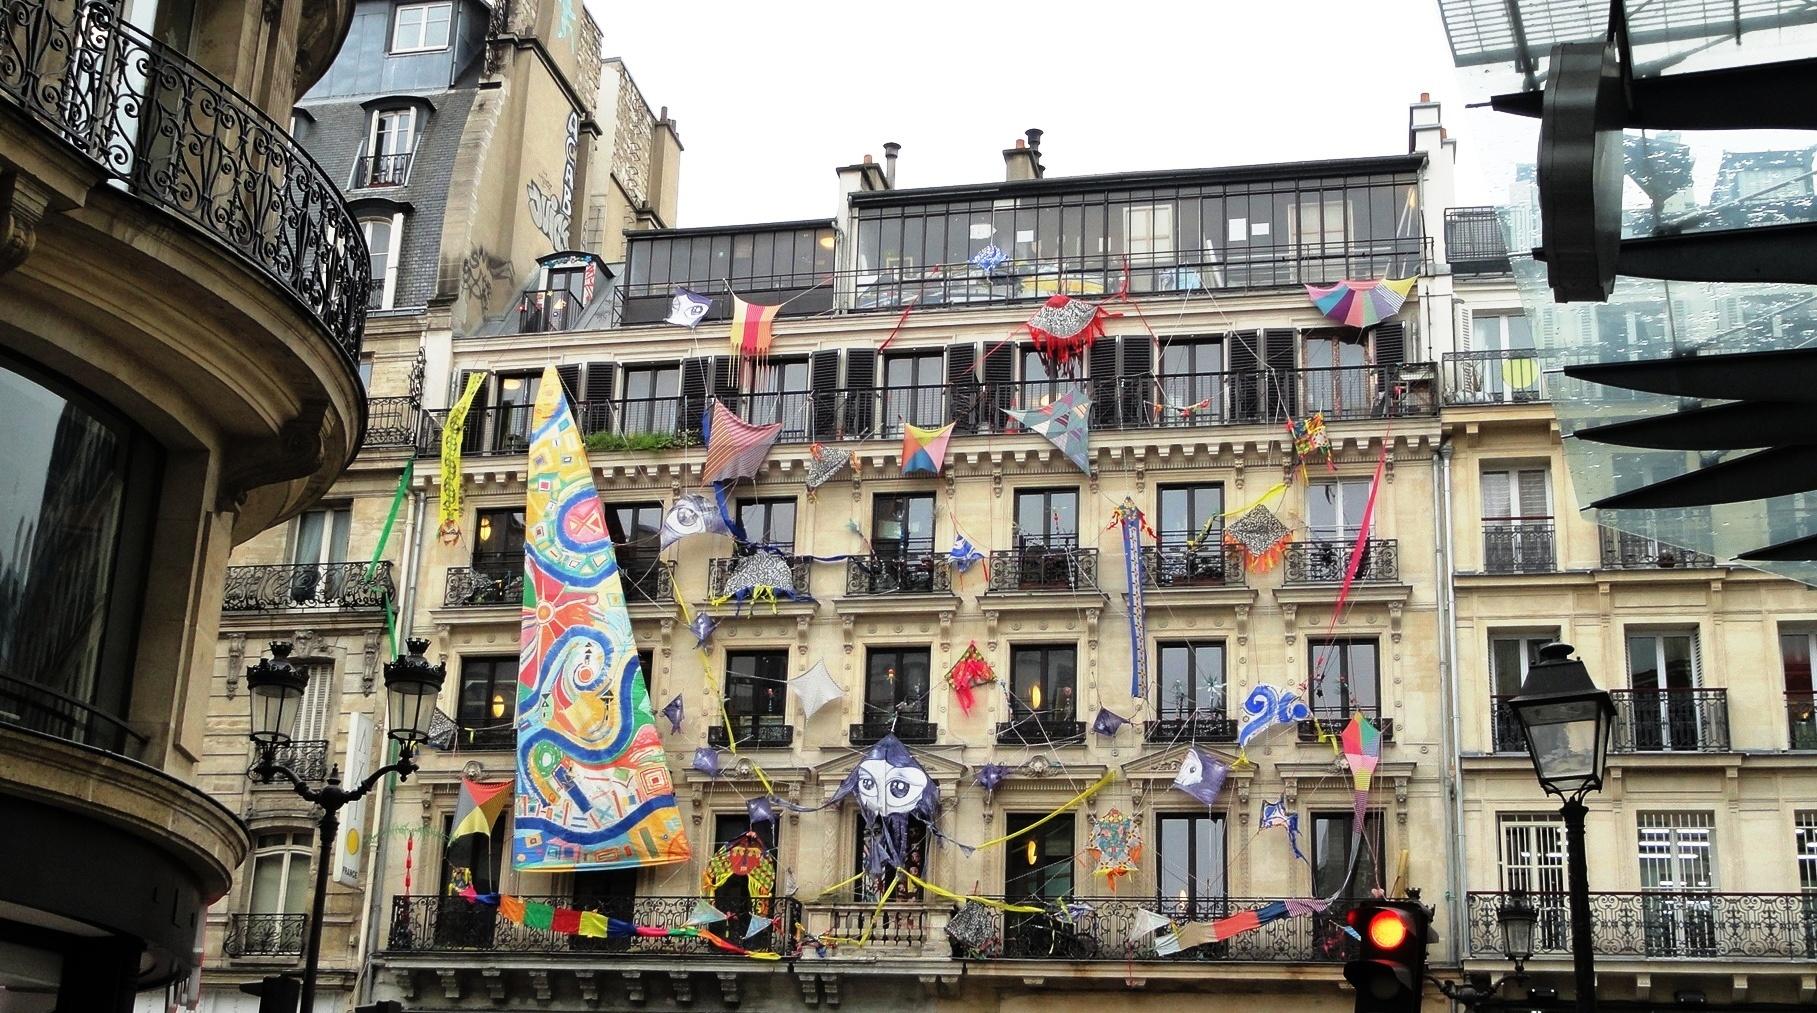 59 rue de rivoli 59 rue de rivoli - Location atelier d artiste paris ...